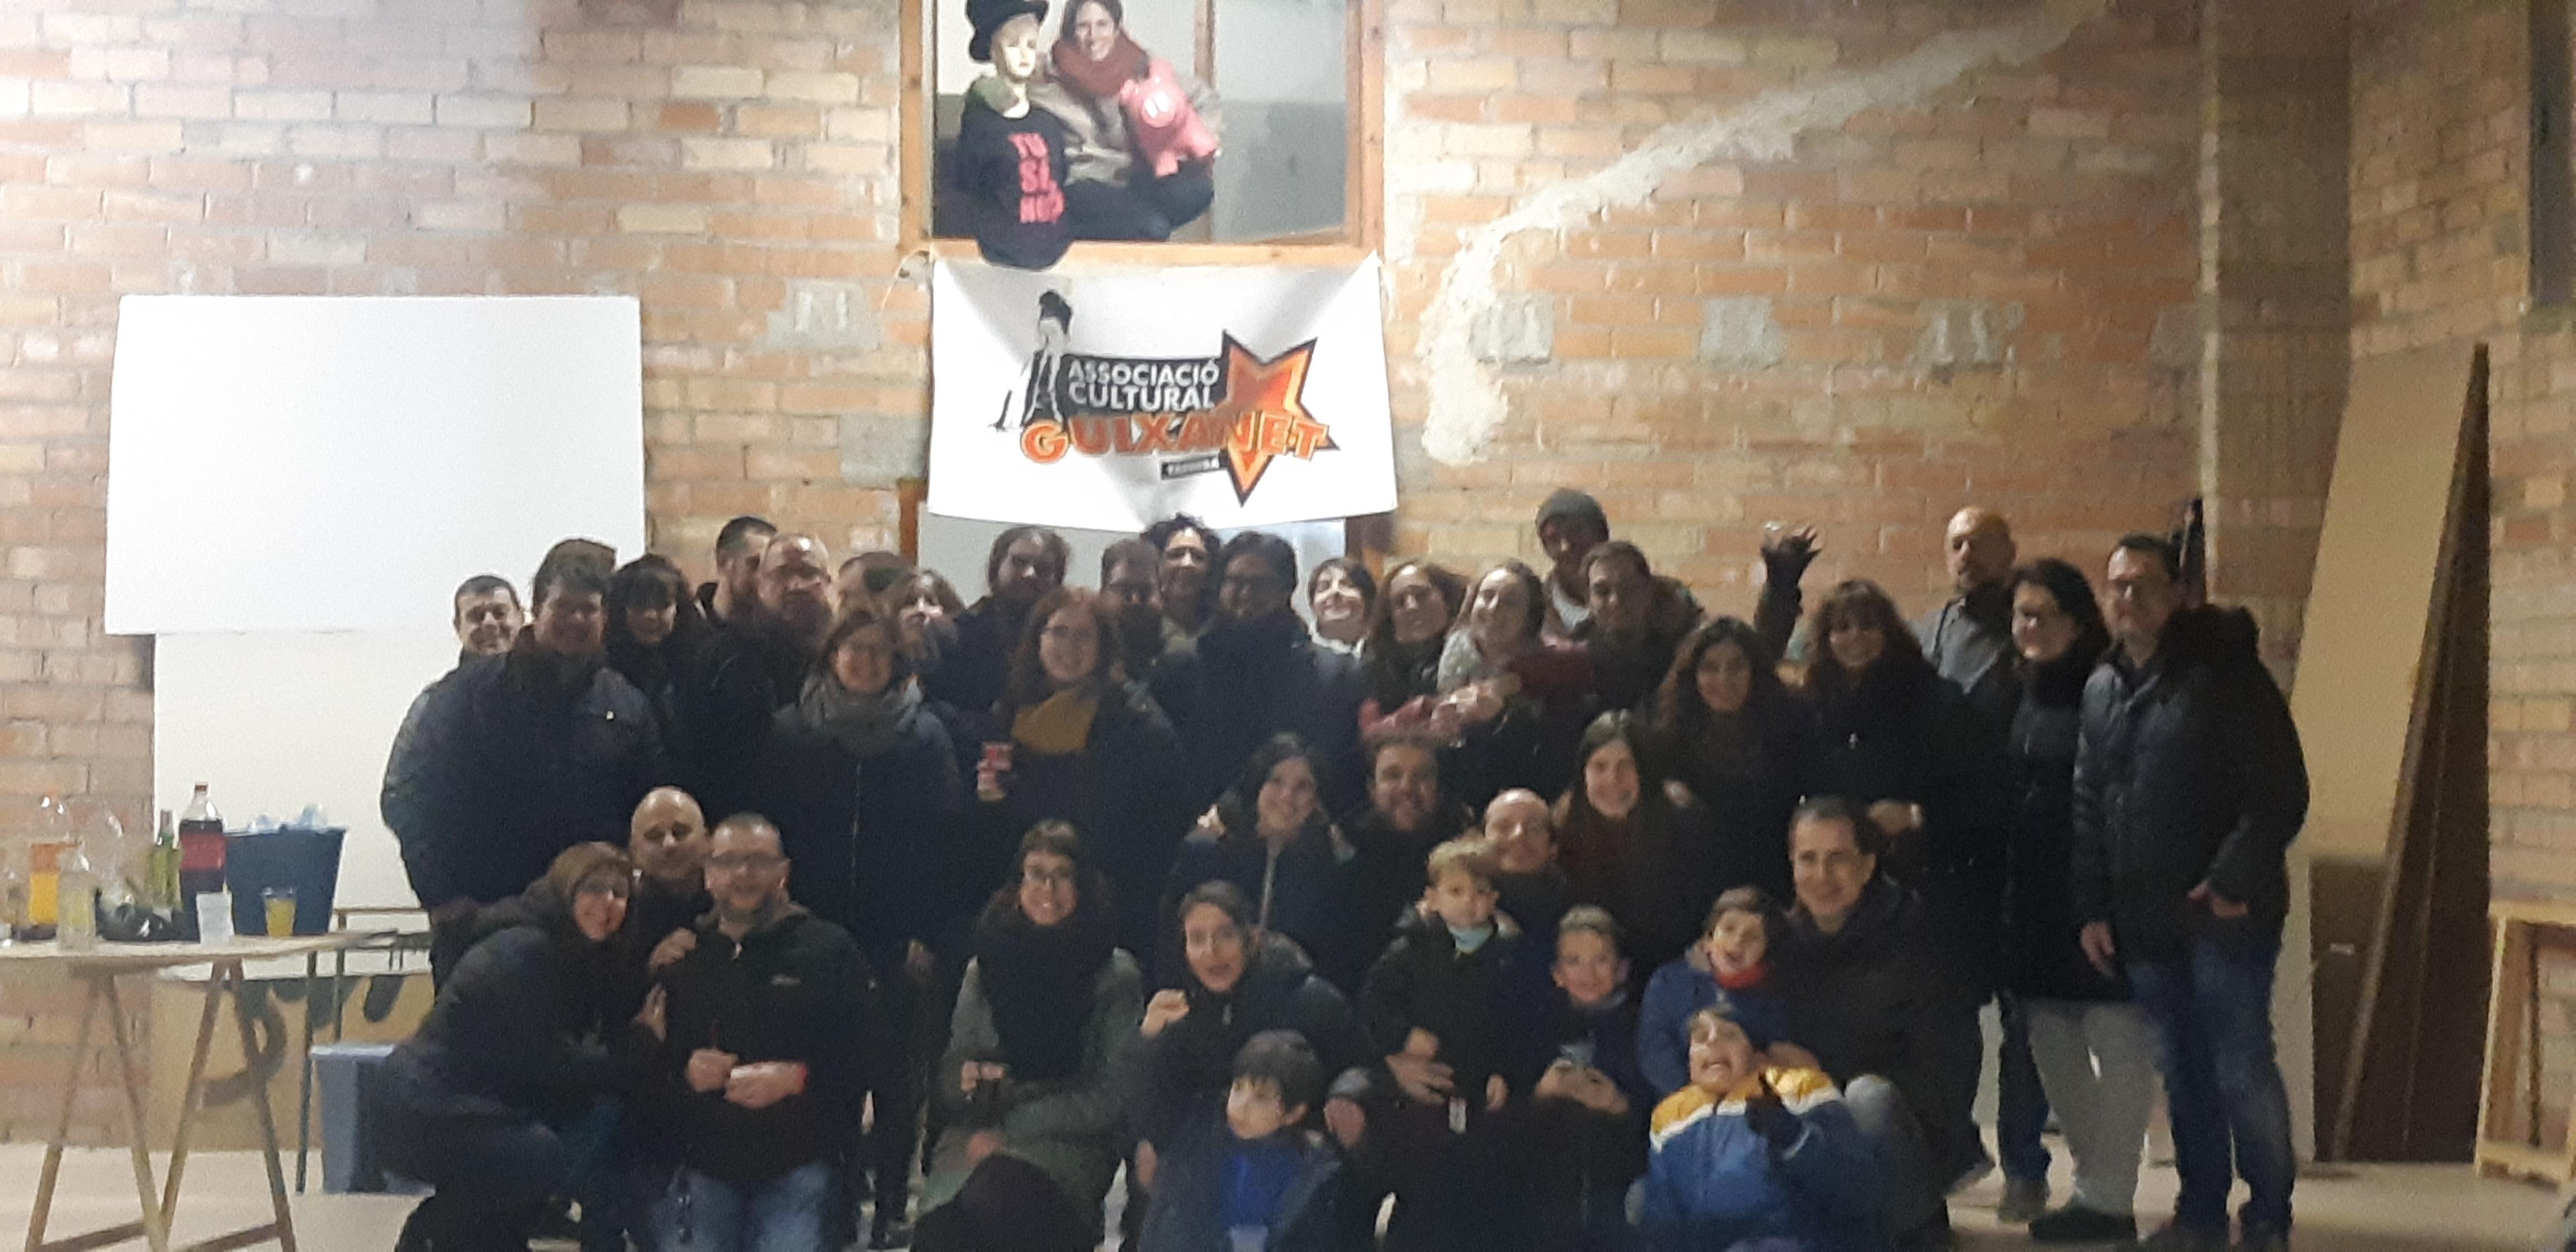 L'Associació Guixanet celebra l'assemblea anual a la seva nova seu